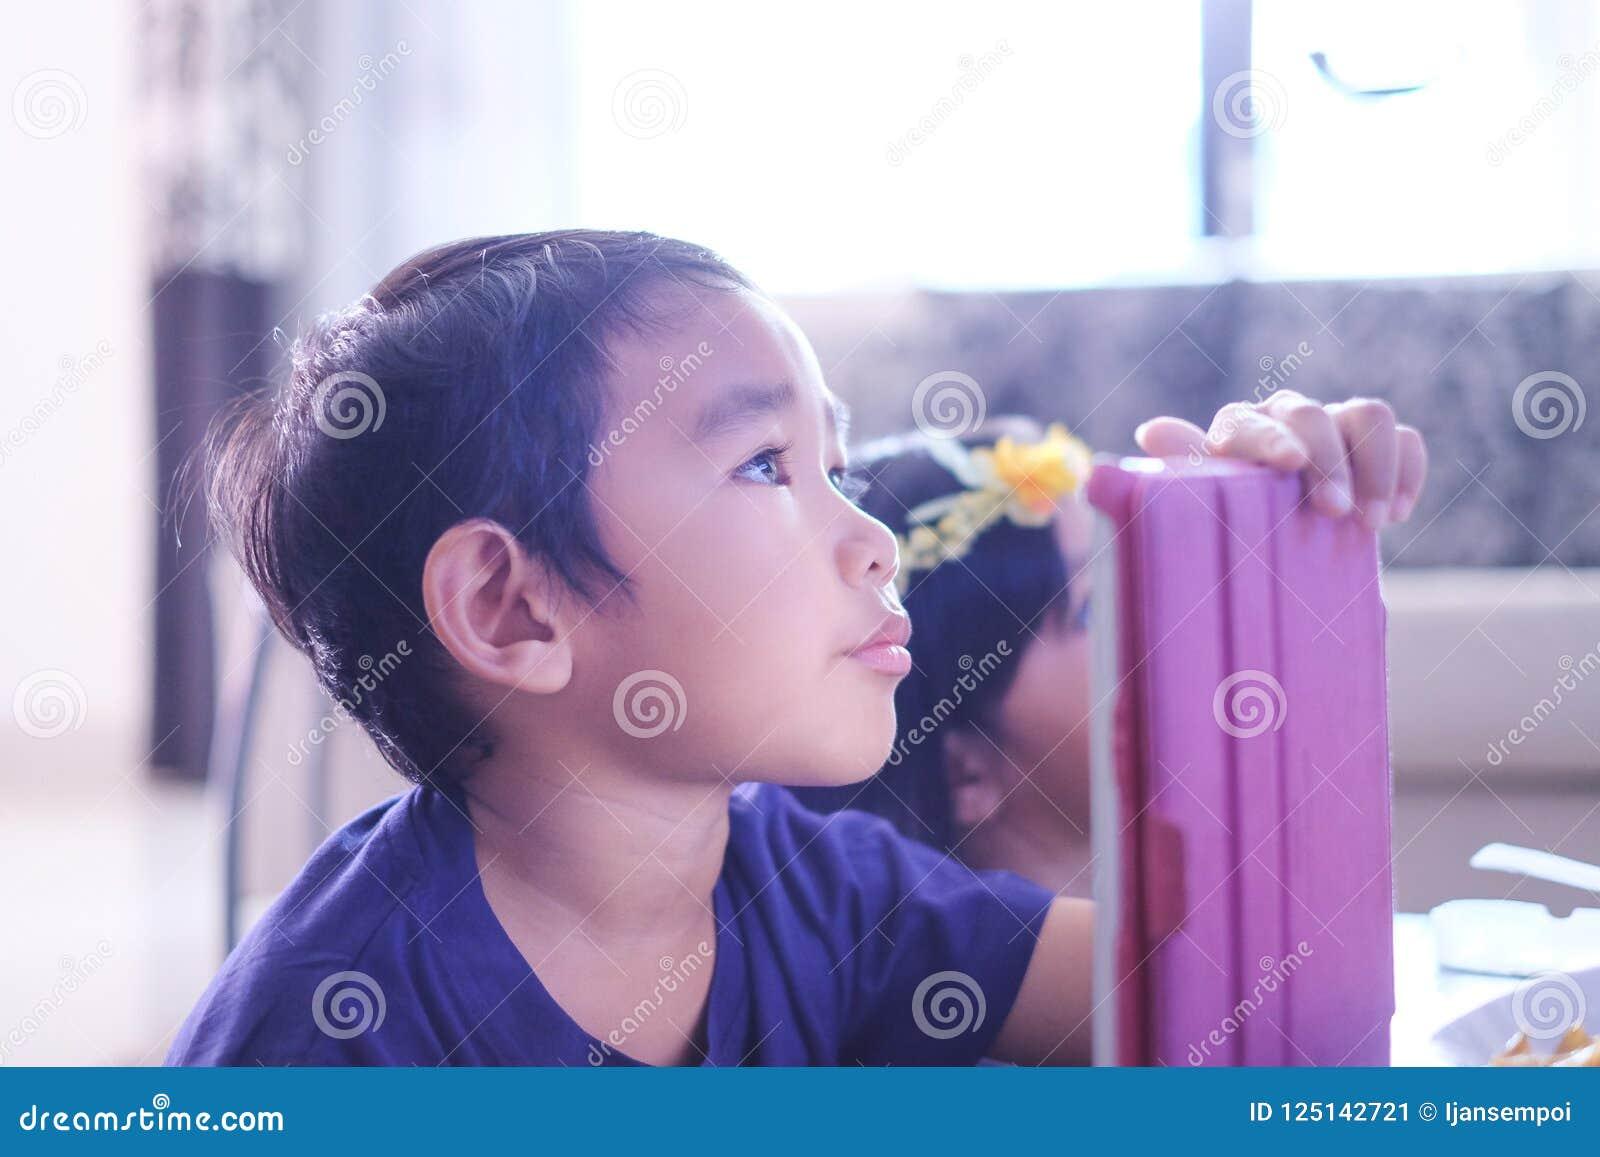 Kinder, Die Zu Hause Fernsehen Stockbild - Bild von hause